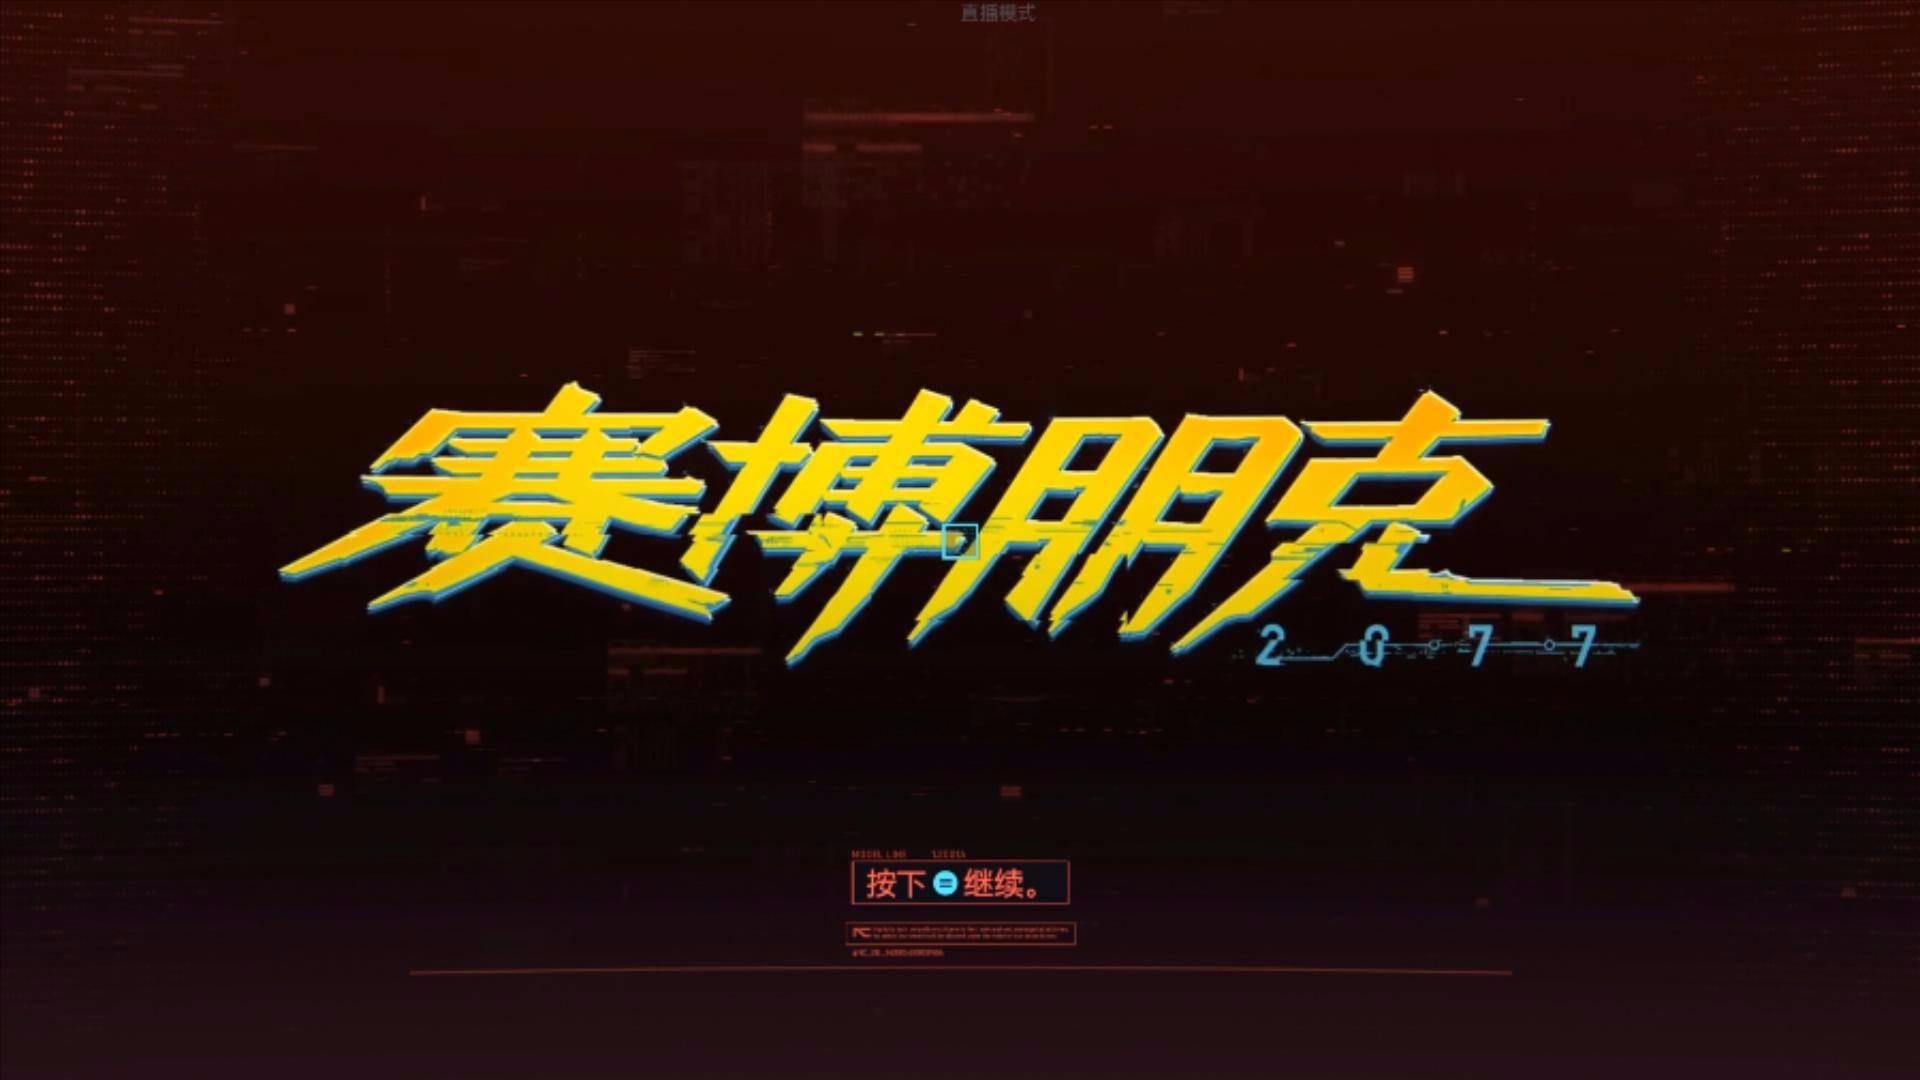 女流-2020.12.9-赛博朋克2077